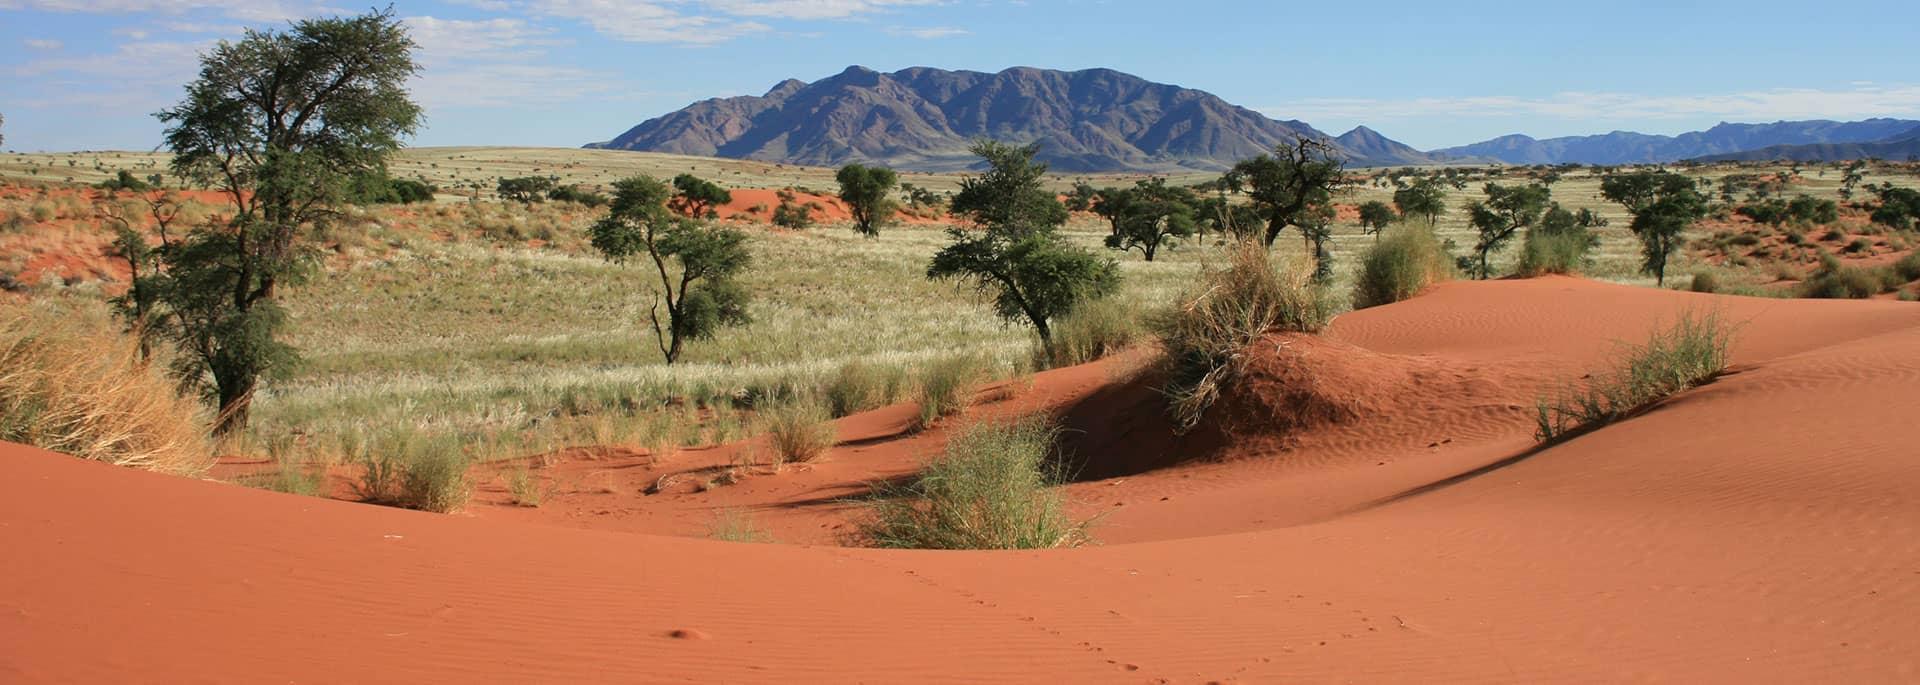 NamibRand Namibie